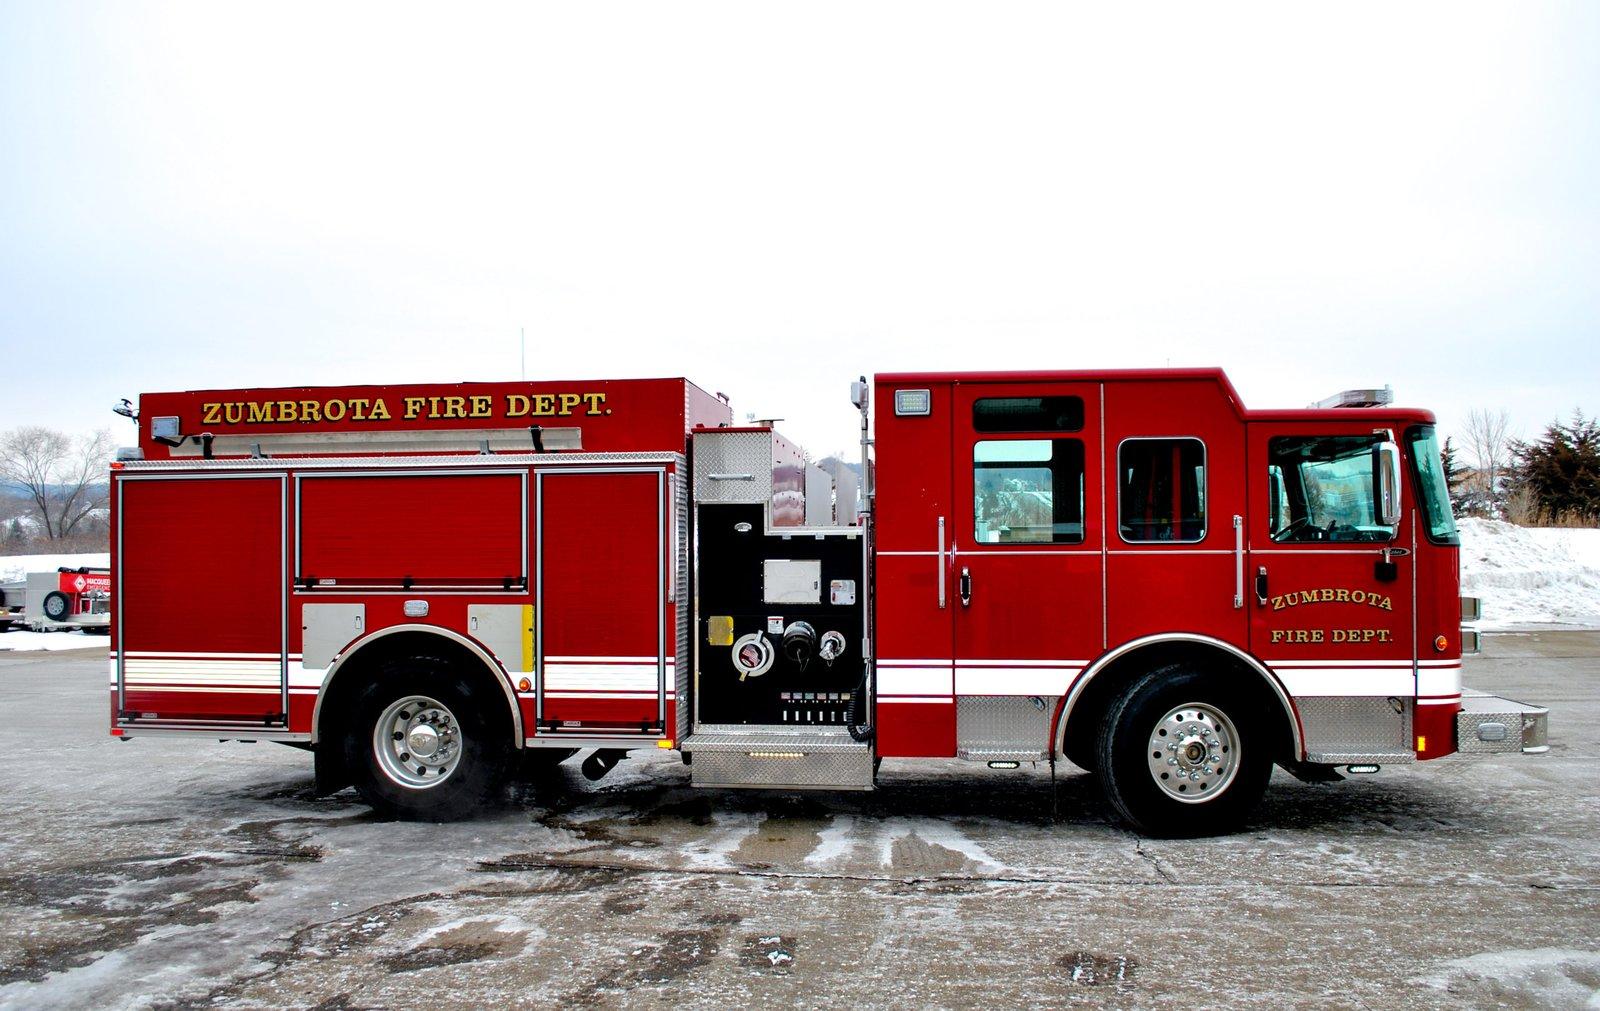 Zumbrota Fire Department - Pumper